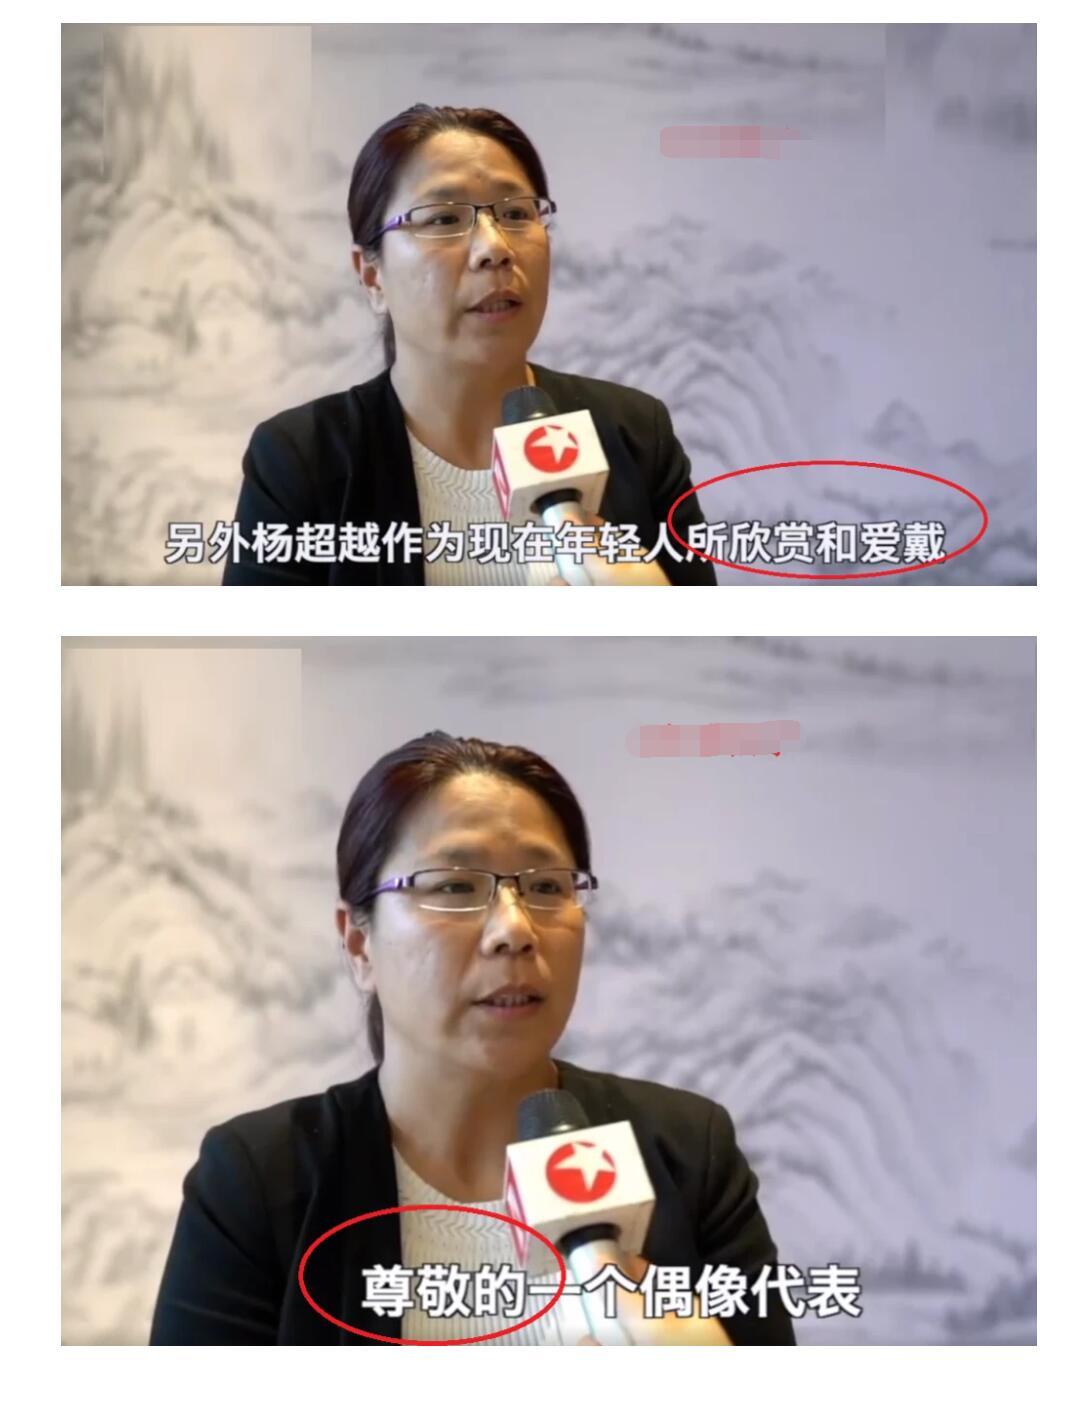 杨超越作为特殊人才落户上海遭举报,网友打监督电话质问,公布交涉内容